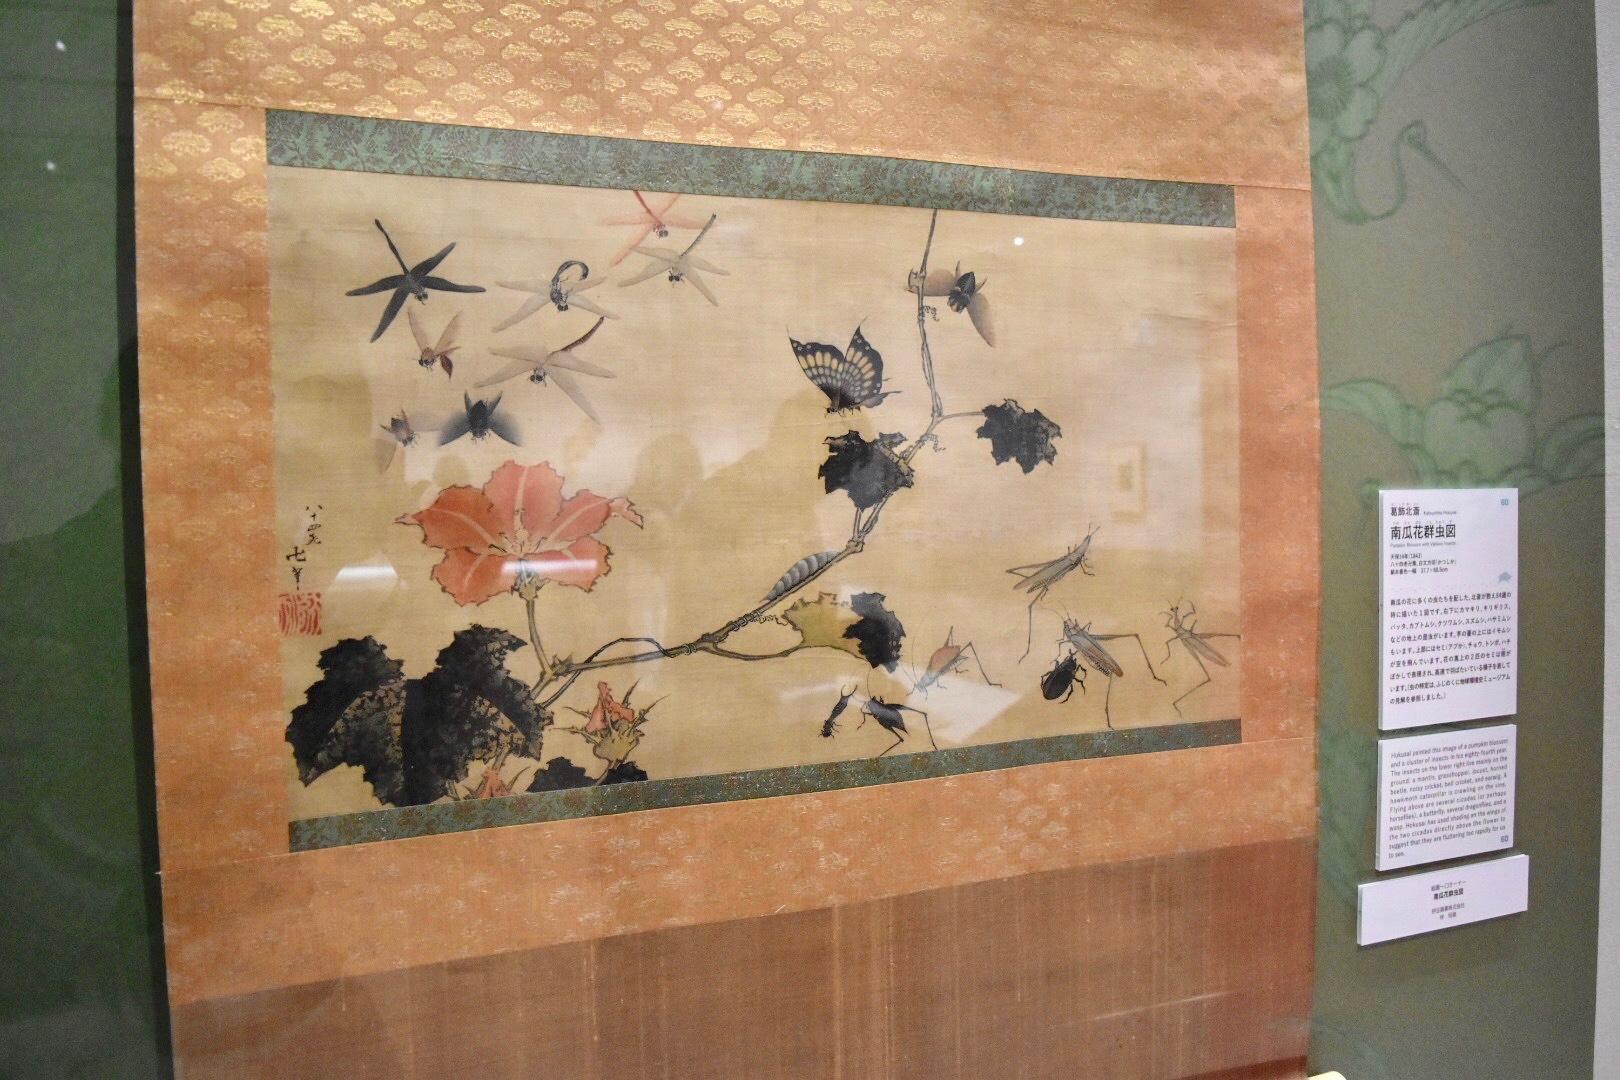 葛飾北斎 《南瓜花群虫図》 天保14年(1843) すみだ北斎美術館所蔵